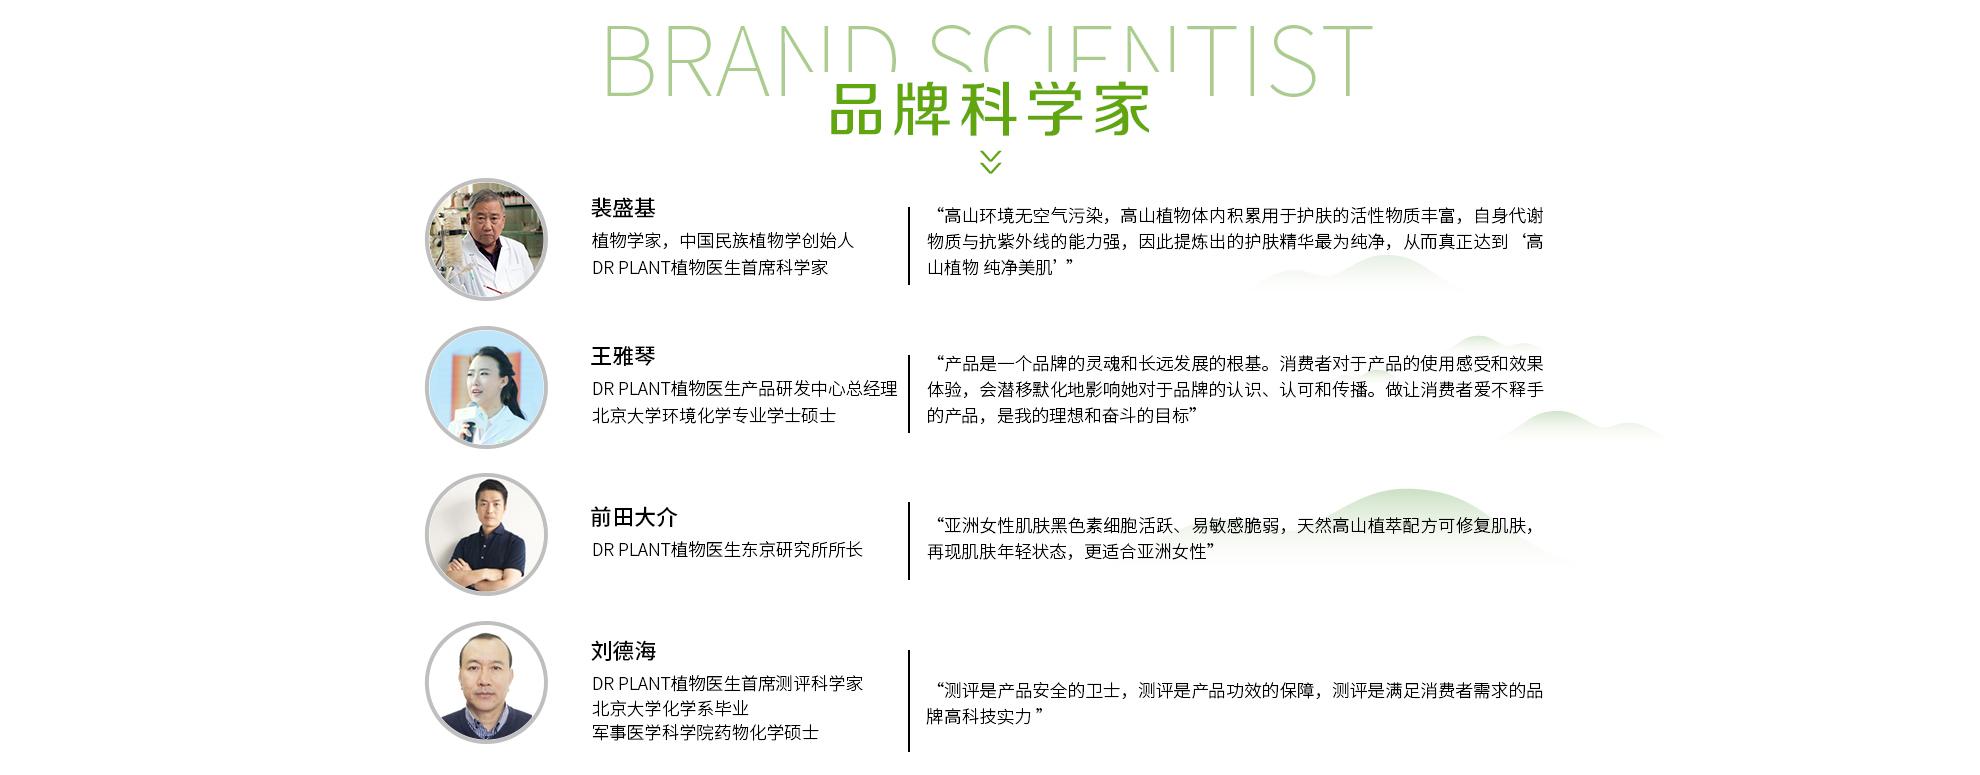 品牌科學家.jpg